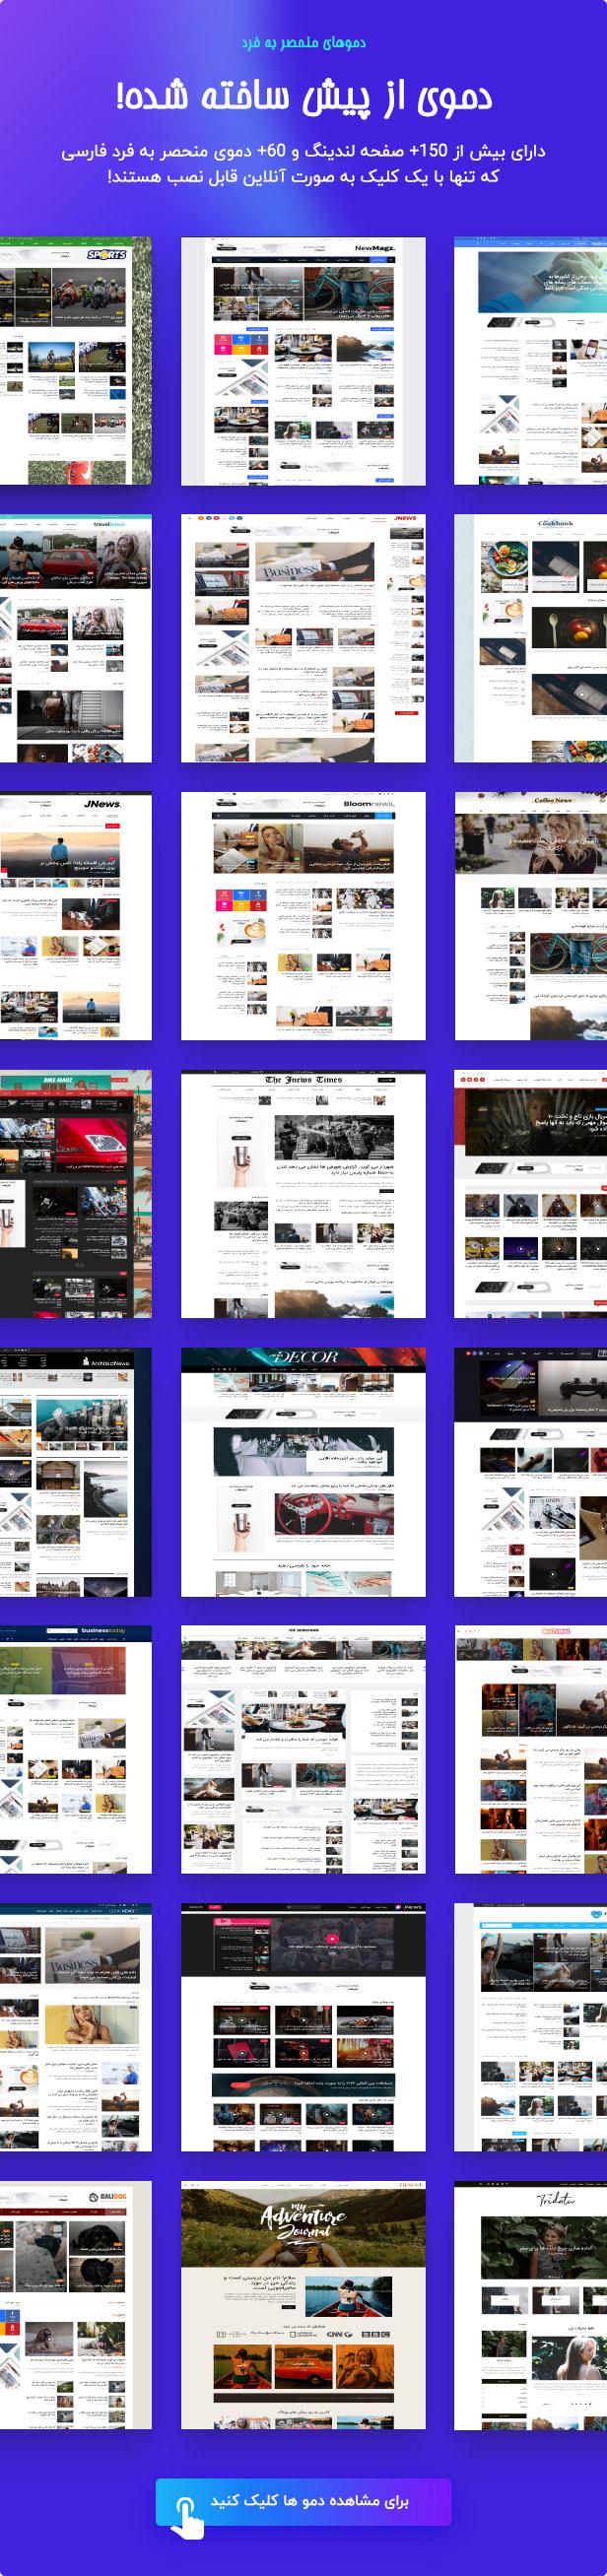 دموها و صفحات قالب خبری مجله ای جی نیوز